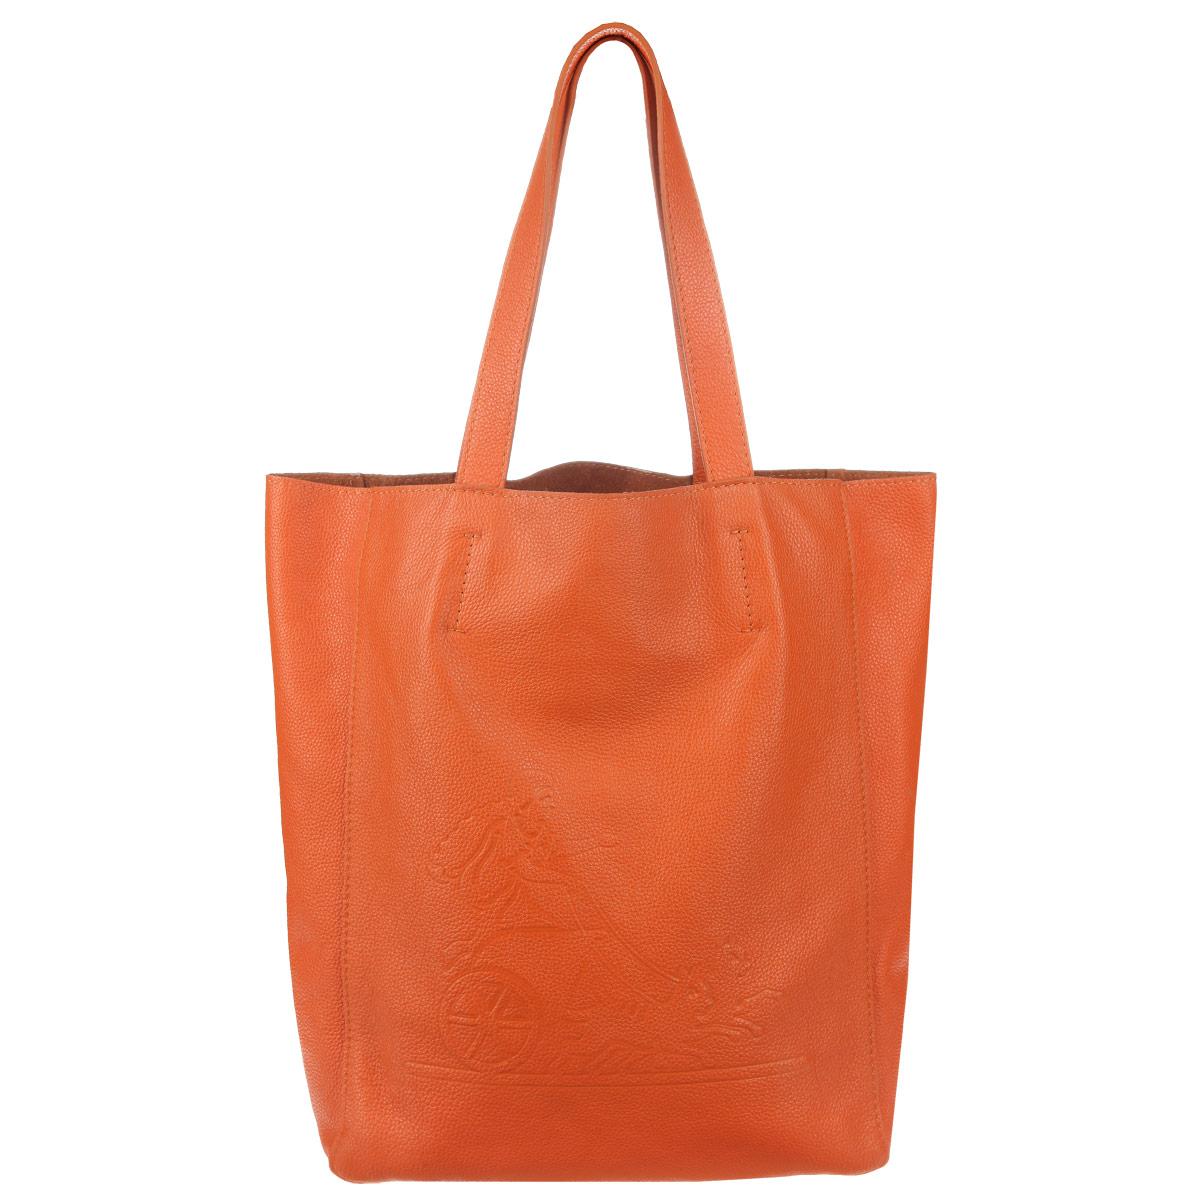 Сумка женская Frija, цвет: оранжевый. 21-0200-1321-0200-13Стильная и удобная женская сумка Frija выполнена из мягкой натуральной кожи с фактурной поверхностью. Лицевая сторона изделия оформлена оригинальным тиснением в виде логотипа бренда. Сумка имеет одно вместительное отделение, дополненное накладным карманом на застежке-молнии. Изюминка модели - текстильный вкладыш в главном отделении, который крепится к корпусу сумки при помощи кнопок, закрывается на удобную застежку-молнию. Внутри вкладыша - врезной карман на застежке-молнии. Сумка оснащена двумя удобными ручками, позволяющими носить её на плече. Изделие упаковано в фирменный чехол. Сумка Frija - это стильный аксессуар, который подчеркнет вашу изысканность и индивидуальность и сделает ваш образ завершенным.